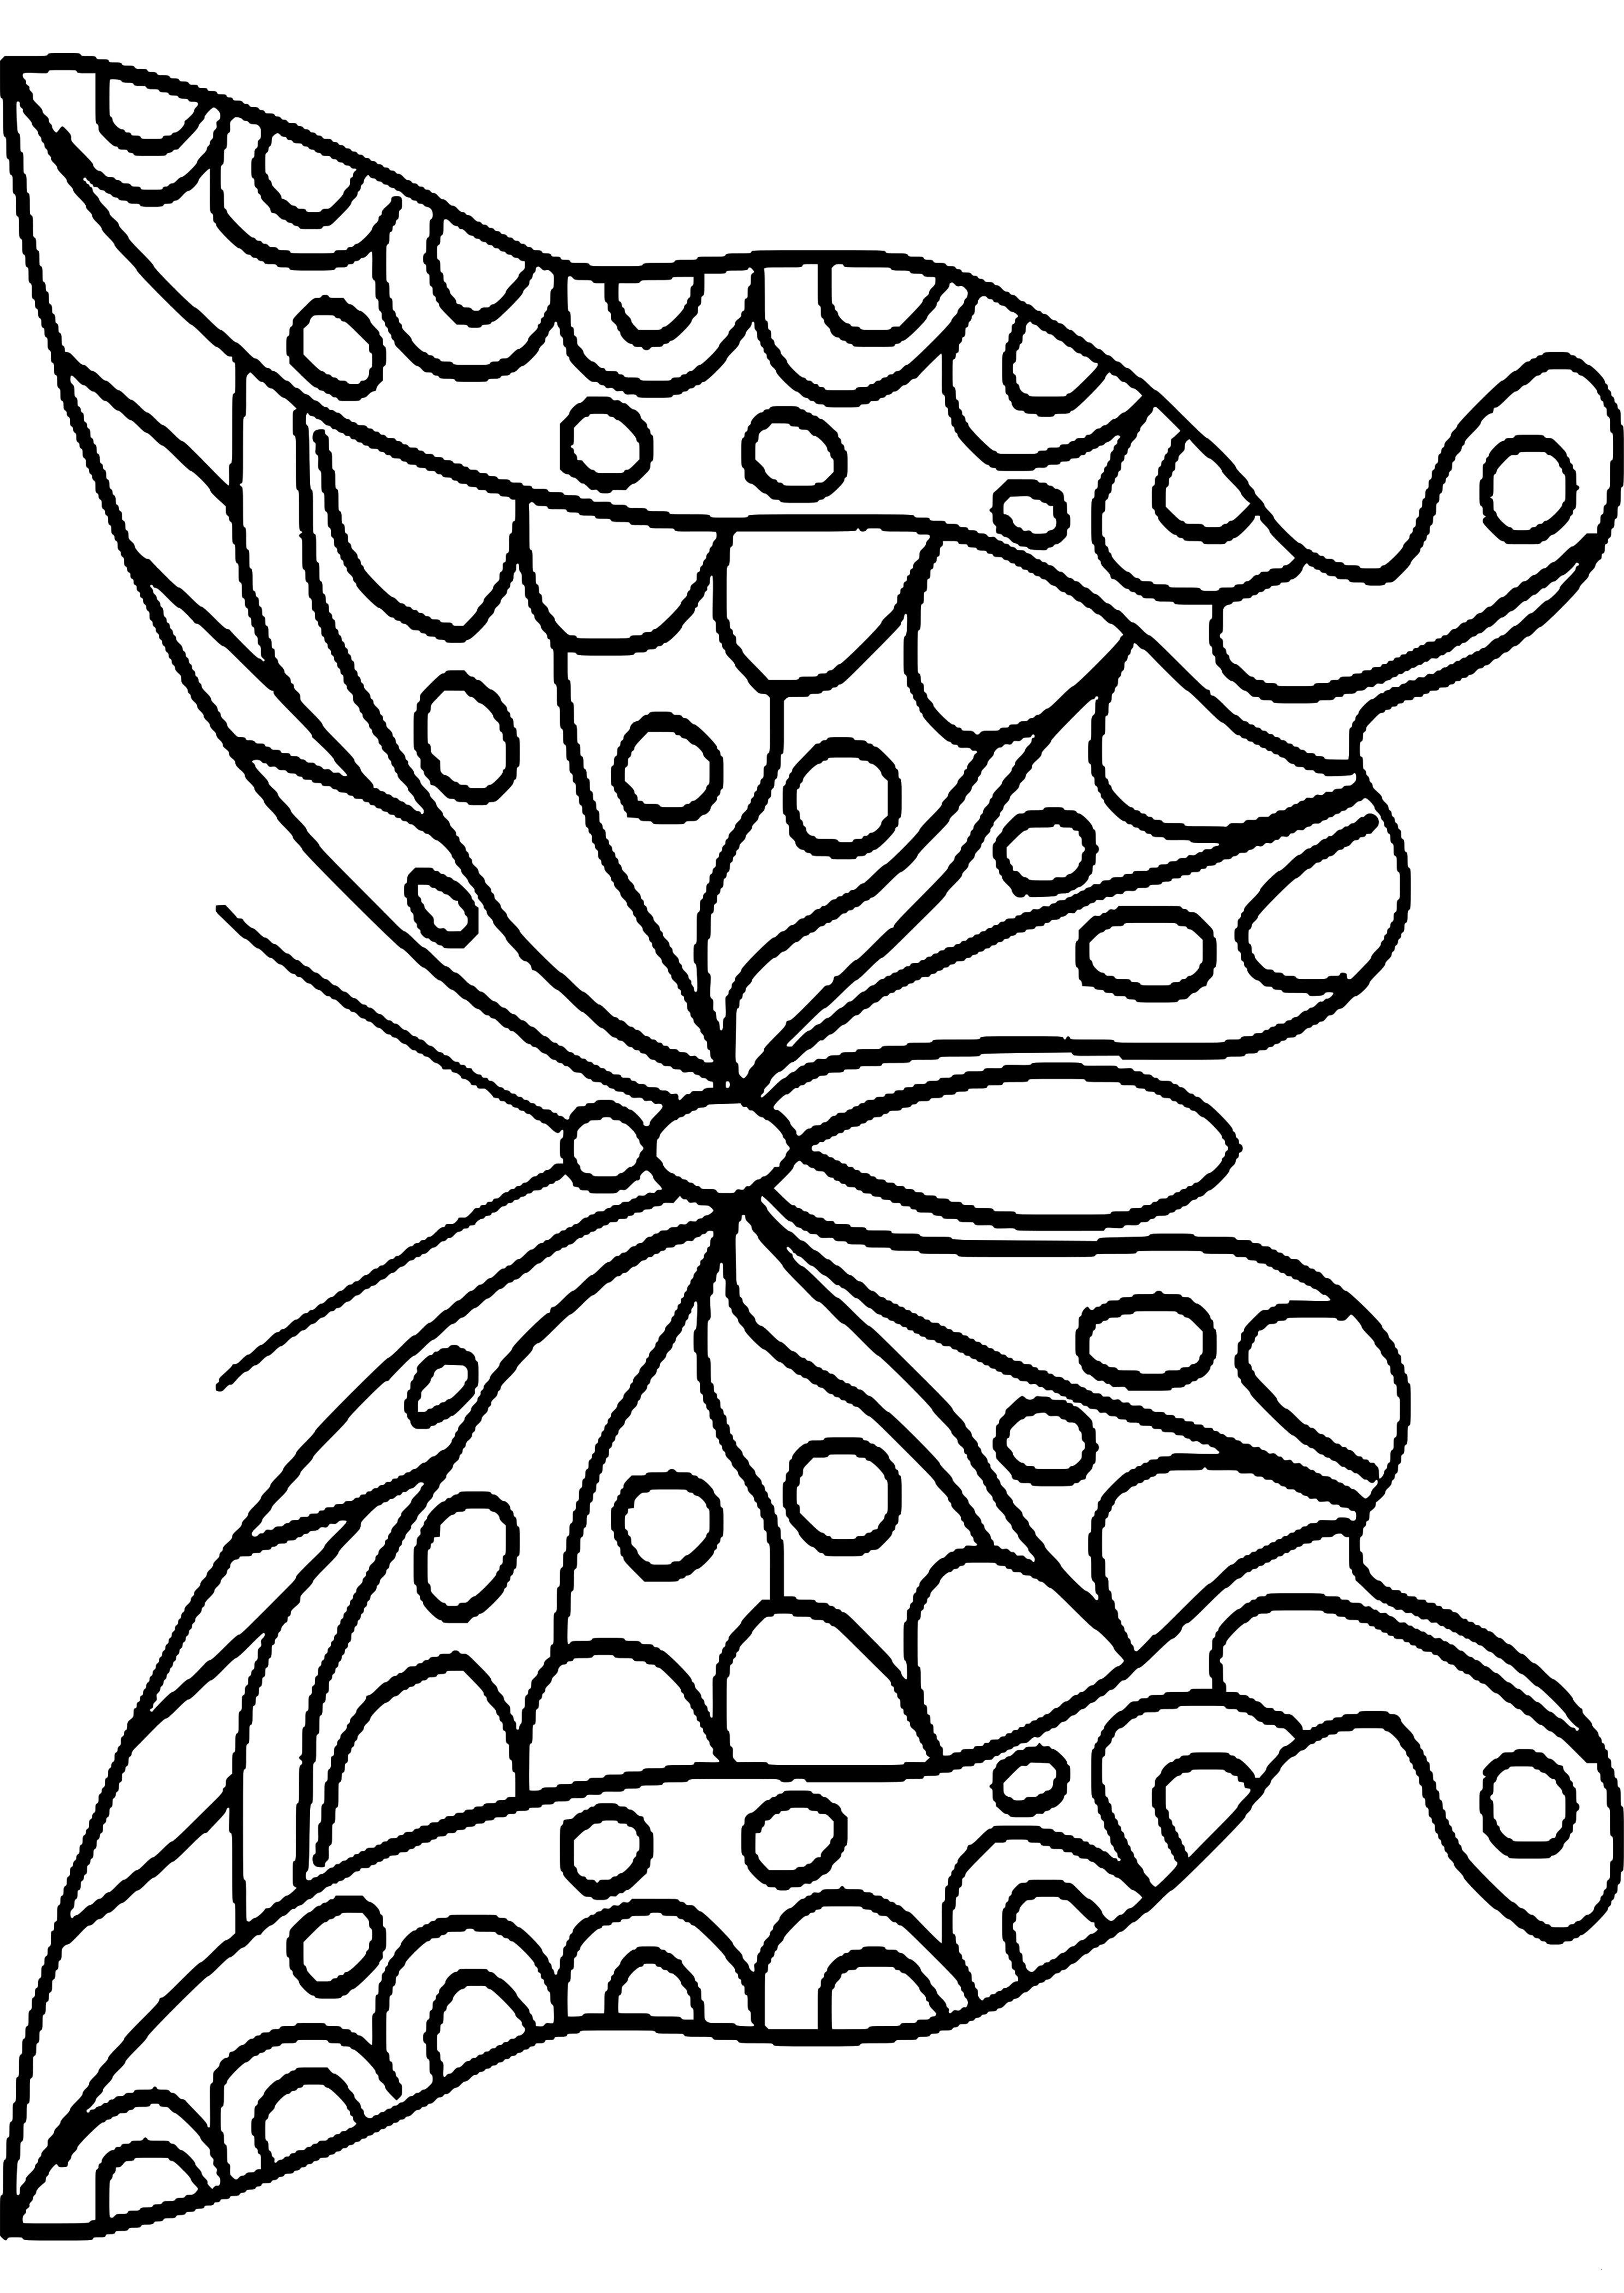 Schmetterling Mit Blume Zum Ausmalen Frisch 29 Frisch Blume Zum Ausmalen – Malvorlagen Ideen Sammlung